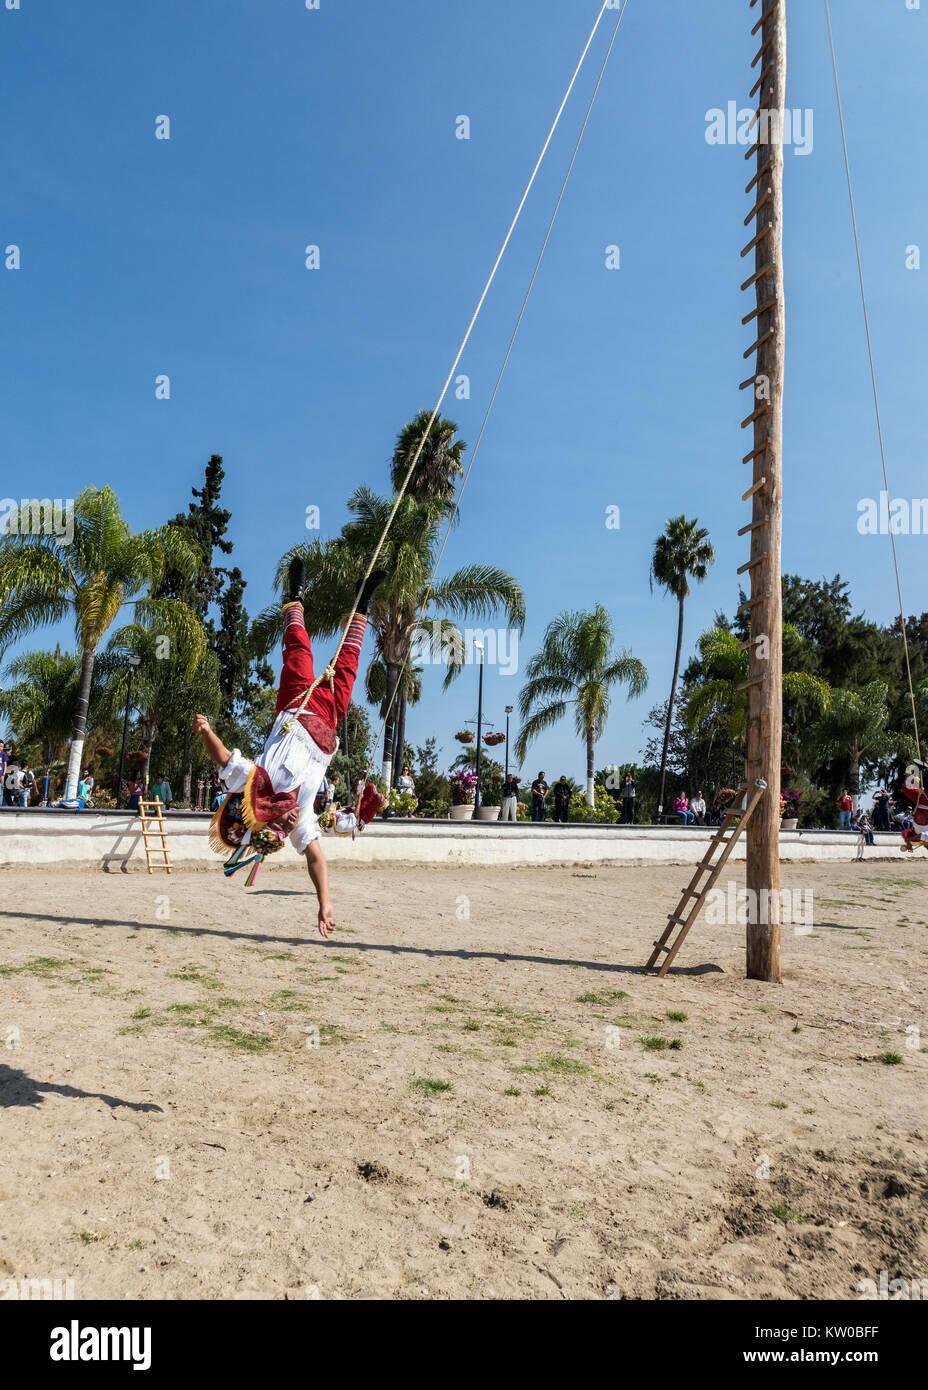 Toque ABAJO, Danza de los Voladores, Malecon, Chapala, Jalisco, México Imagen De Stock